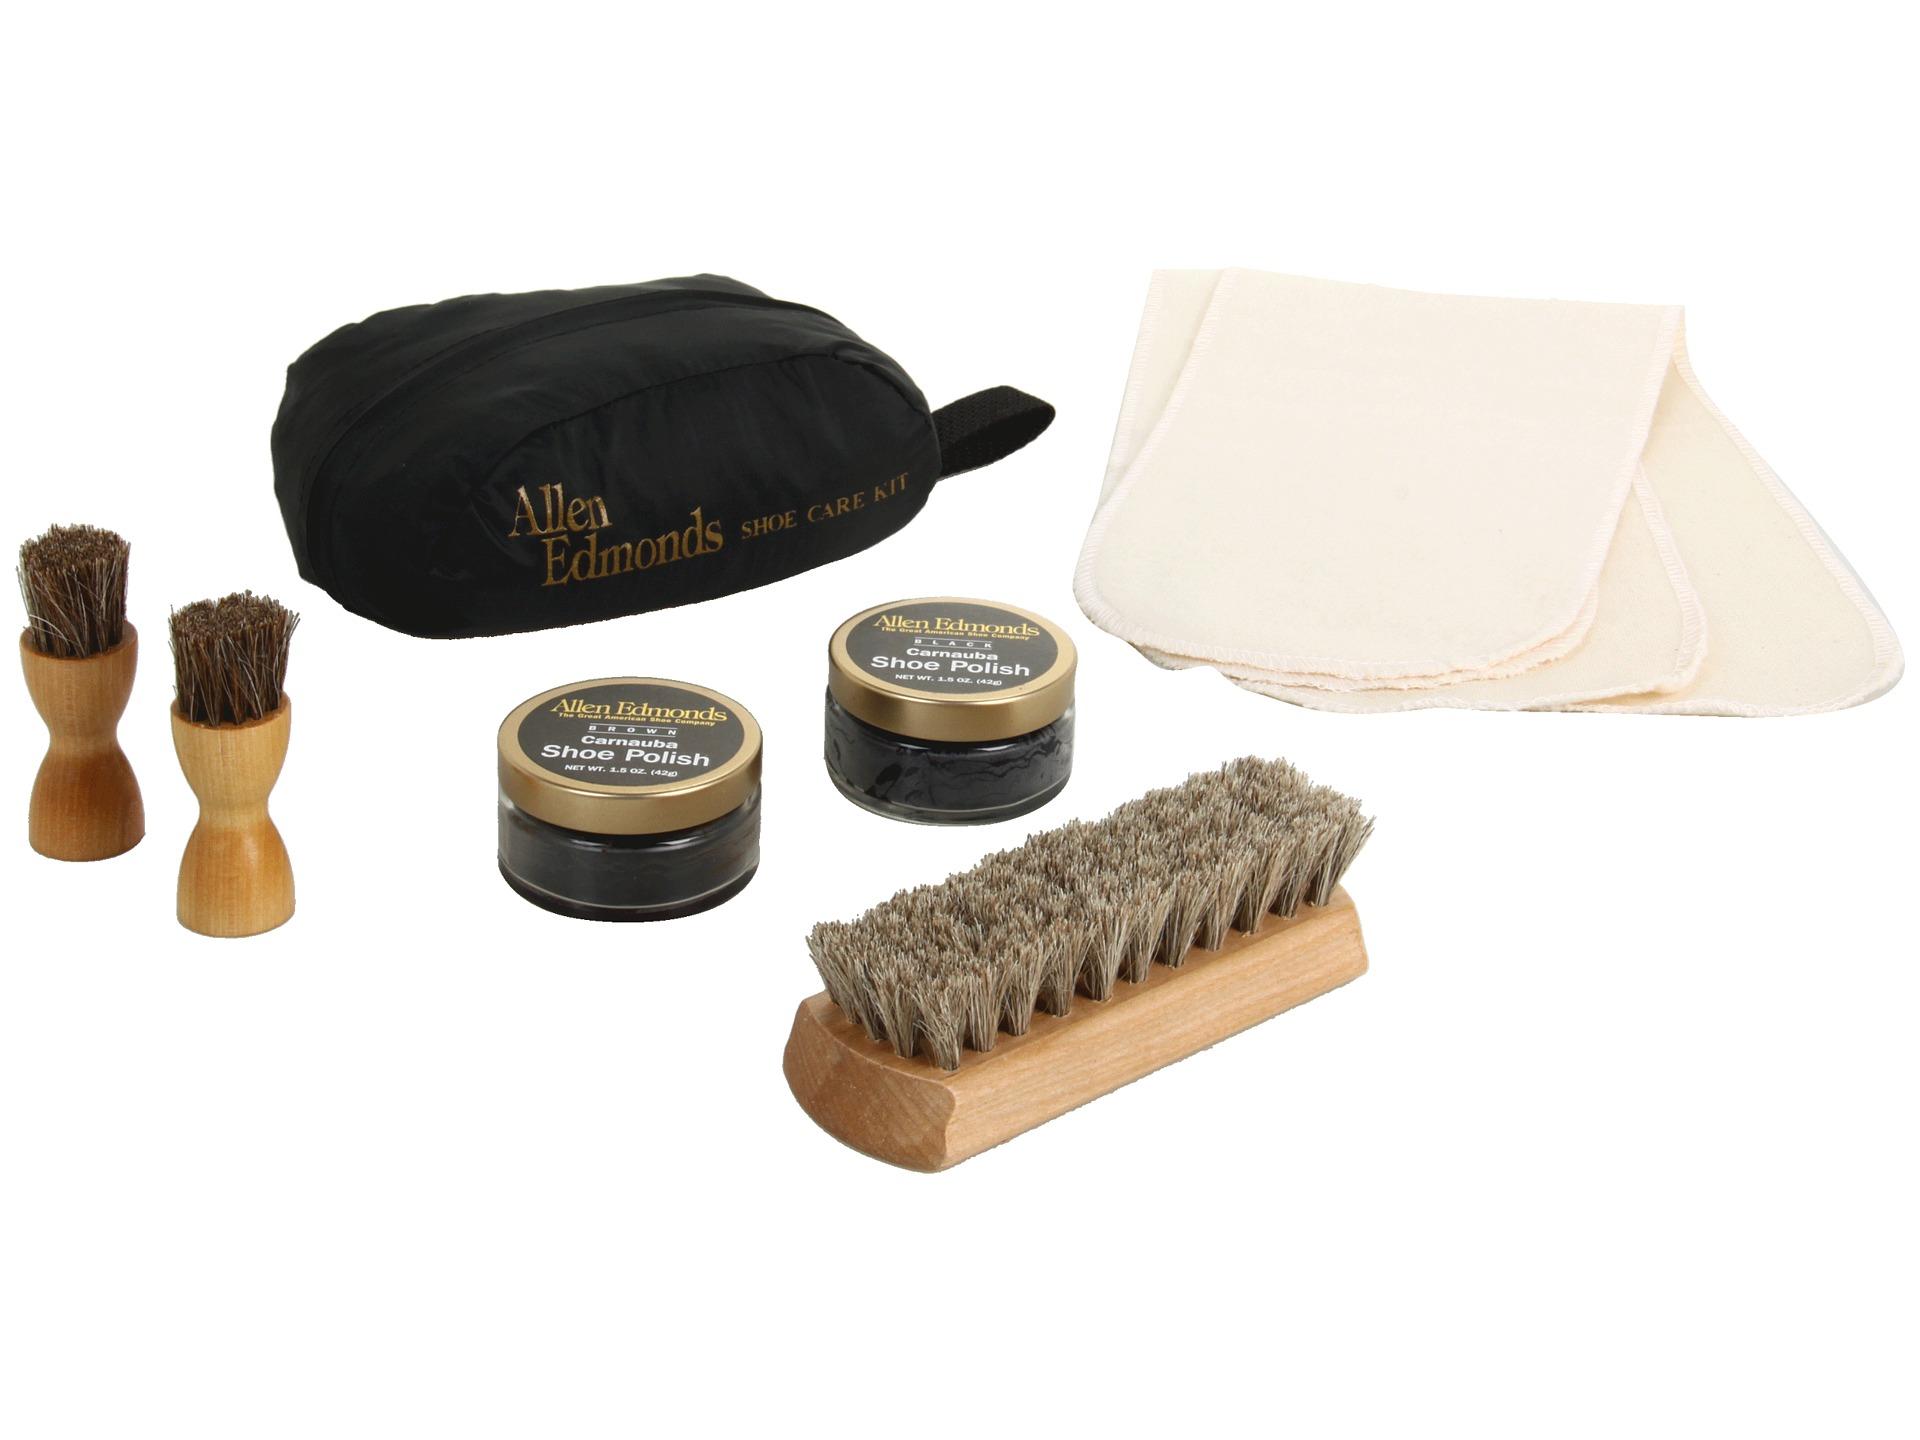 kiwi shoe polish kit instructions